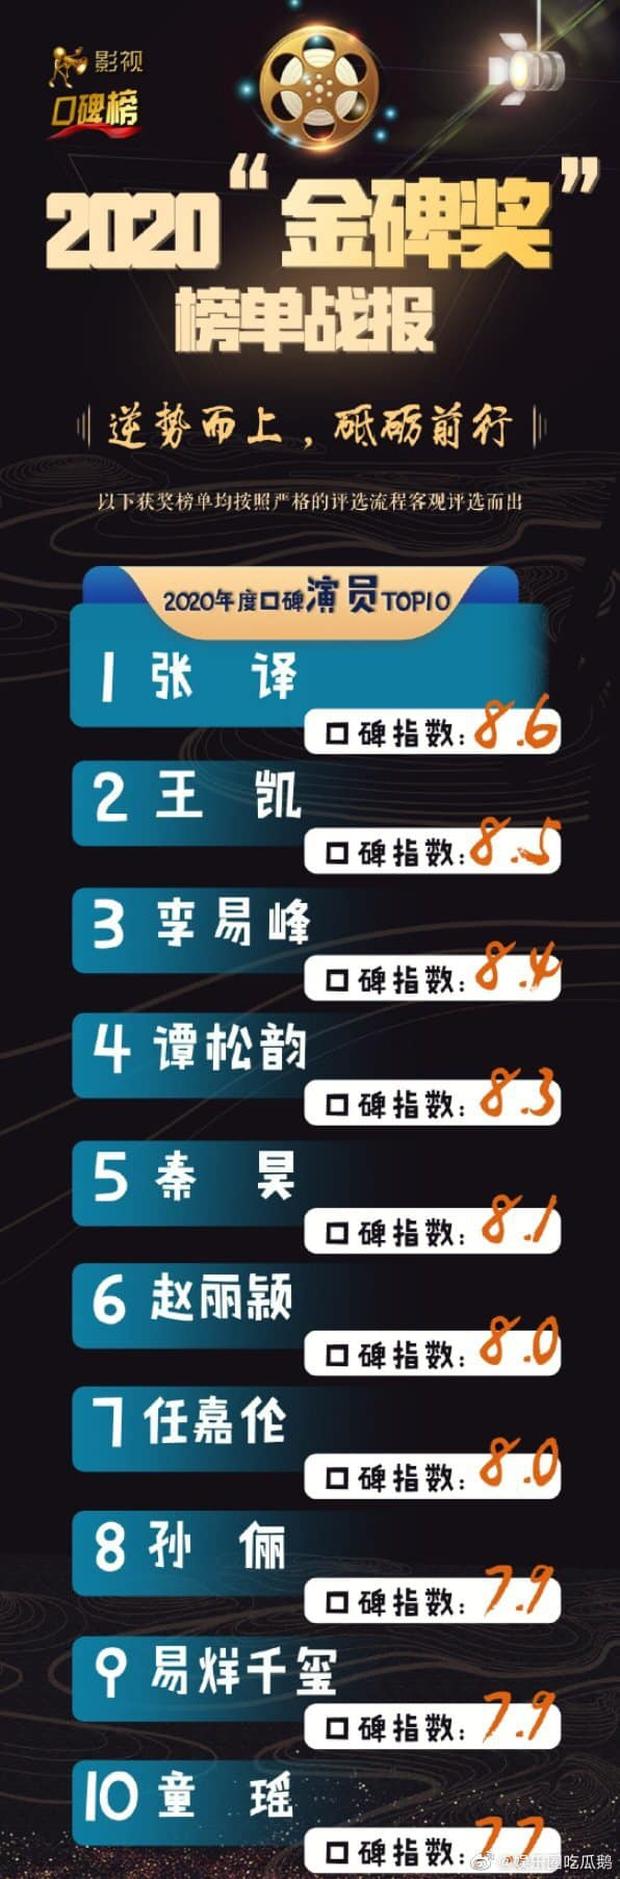 Top 10 nghệ sĩ được yêu thích của năm 2020: Mẹ 1 con Triệu Lệ Dĩnh xuất sắc ở vị trí số 6, Tiêu Chiến - Dương Tử nổi đình nổi đám lại vắng mặt - Ảnh 1.